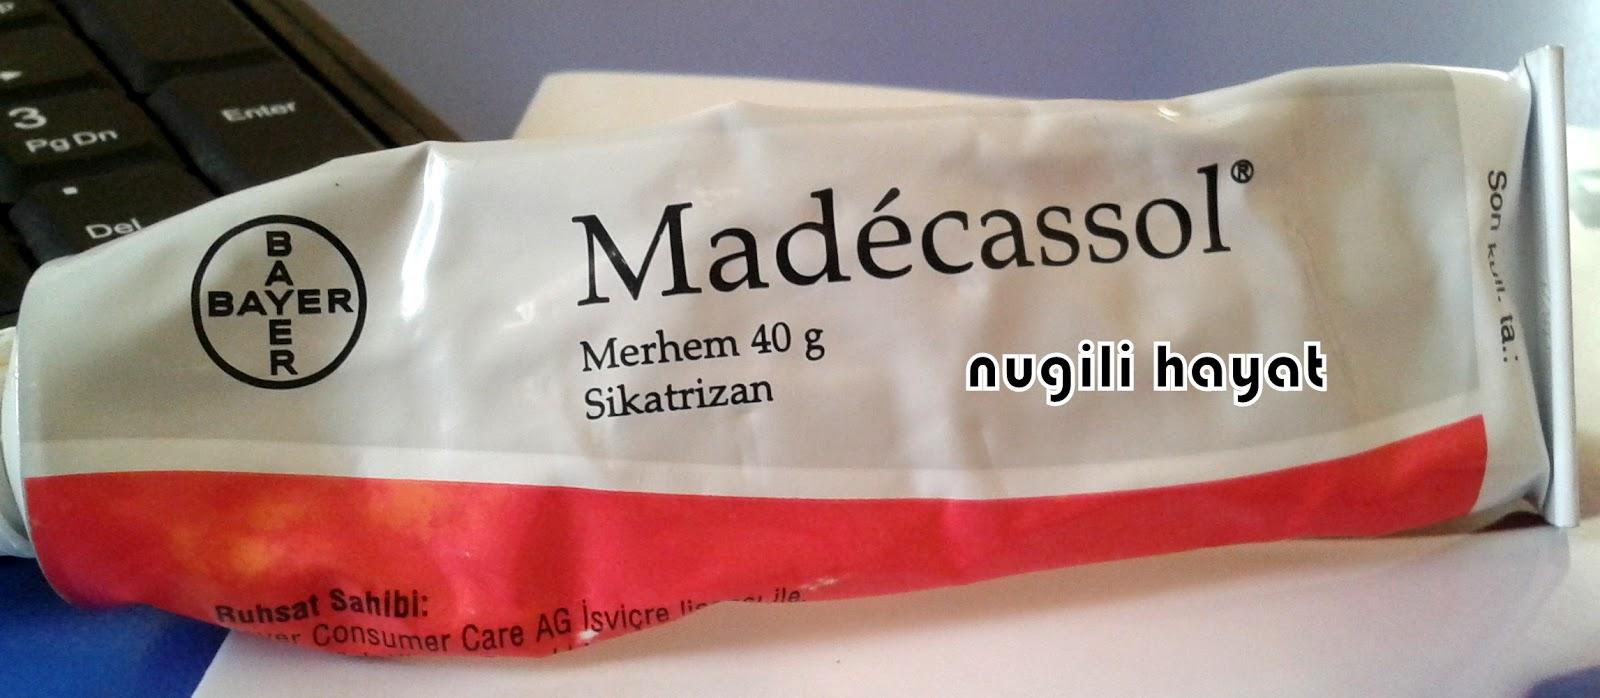 Madecassol Kremi Kullanımı ve Faydaları